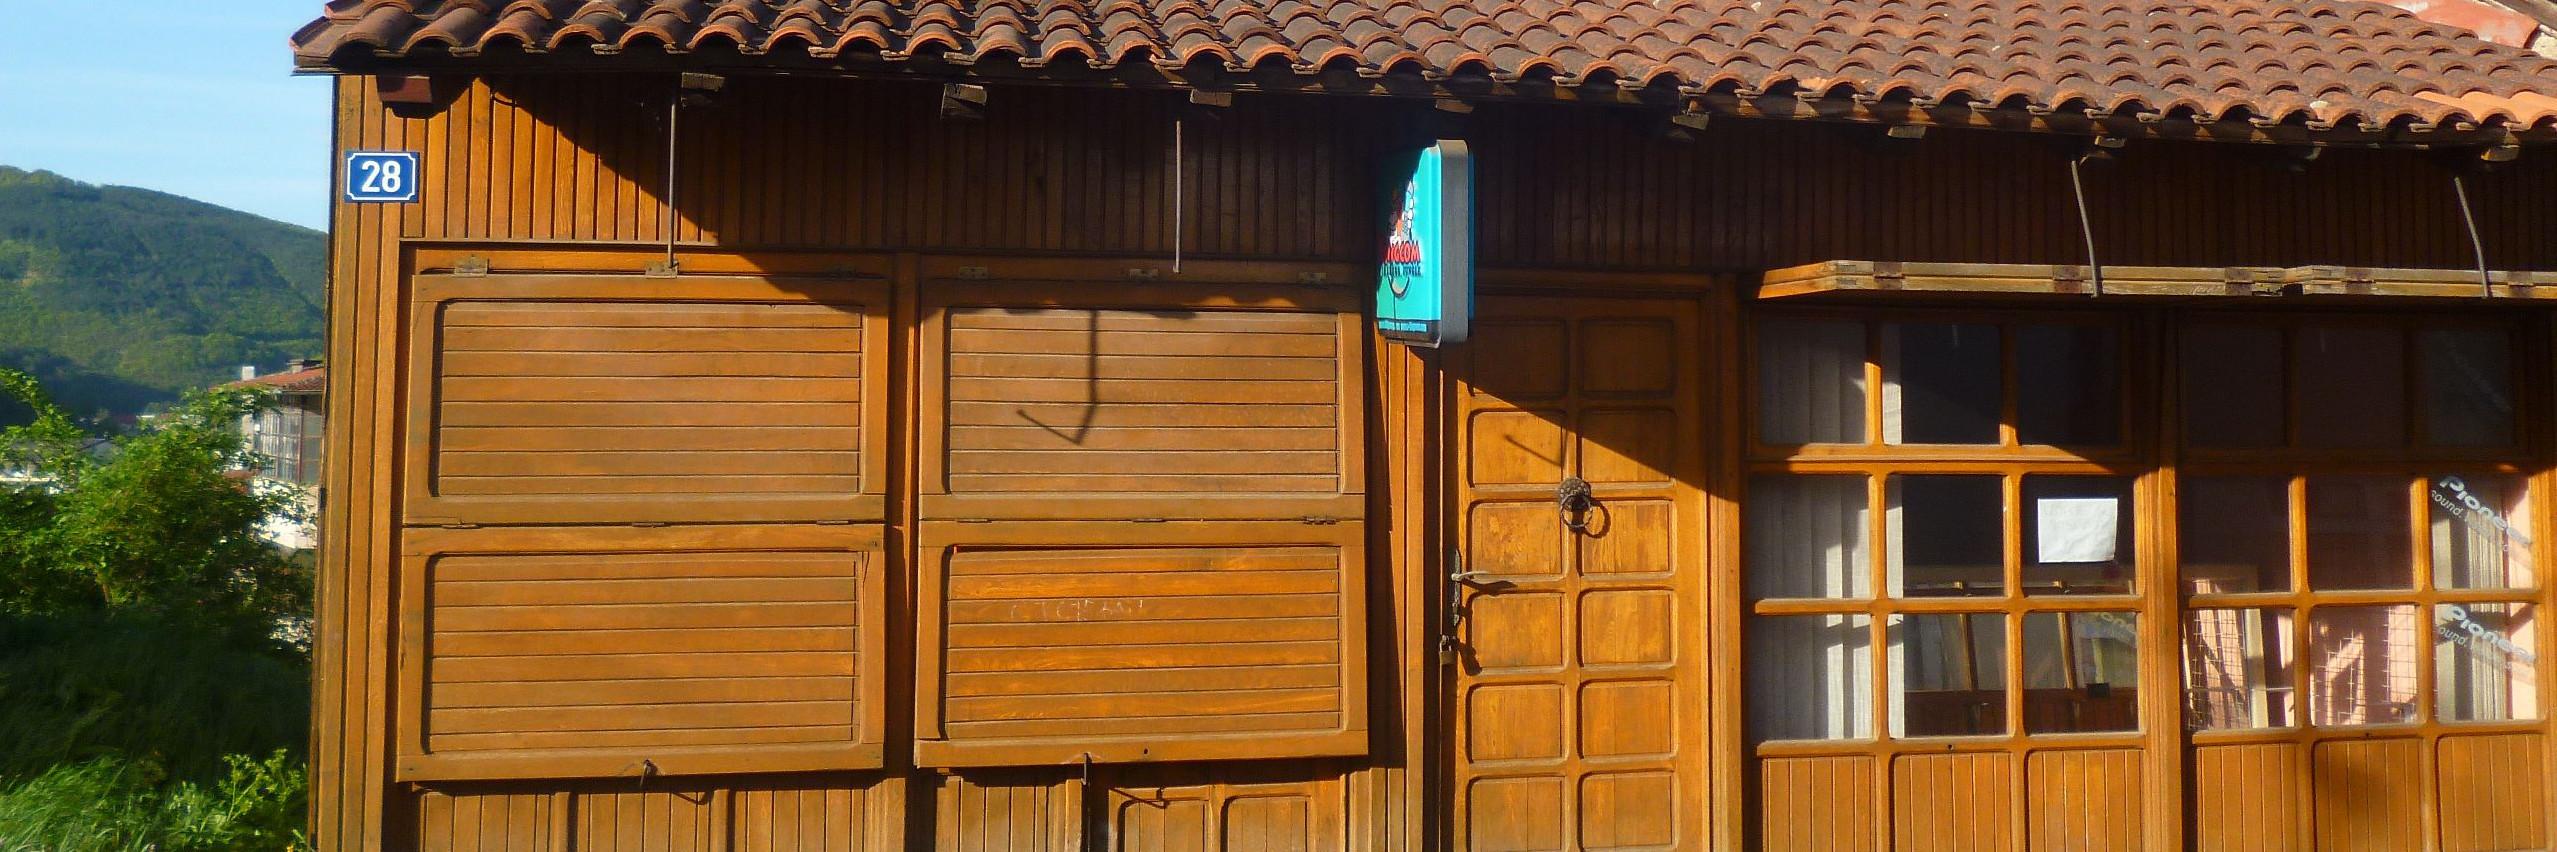 Чепенак. Фото: Елена Арсениевич, CC BY-SA 3.0